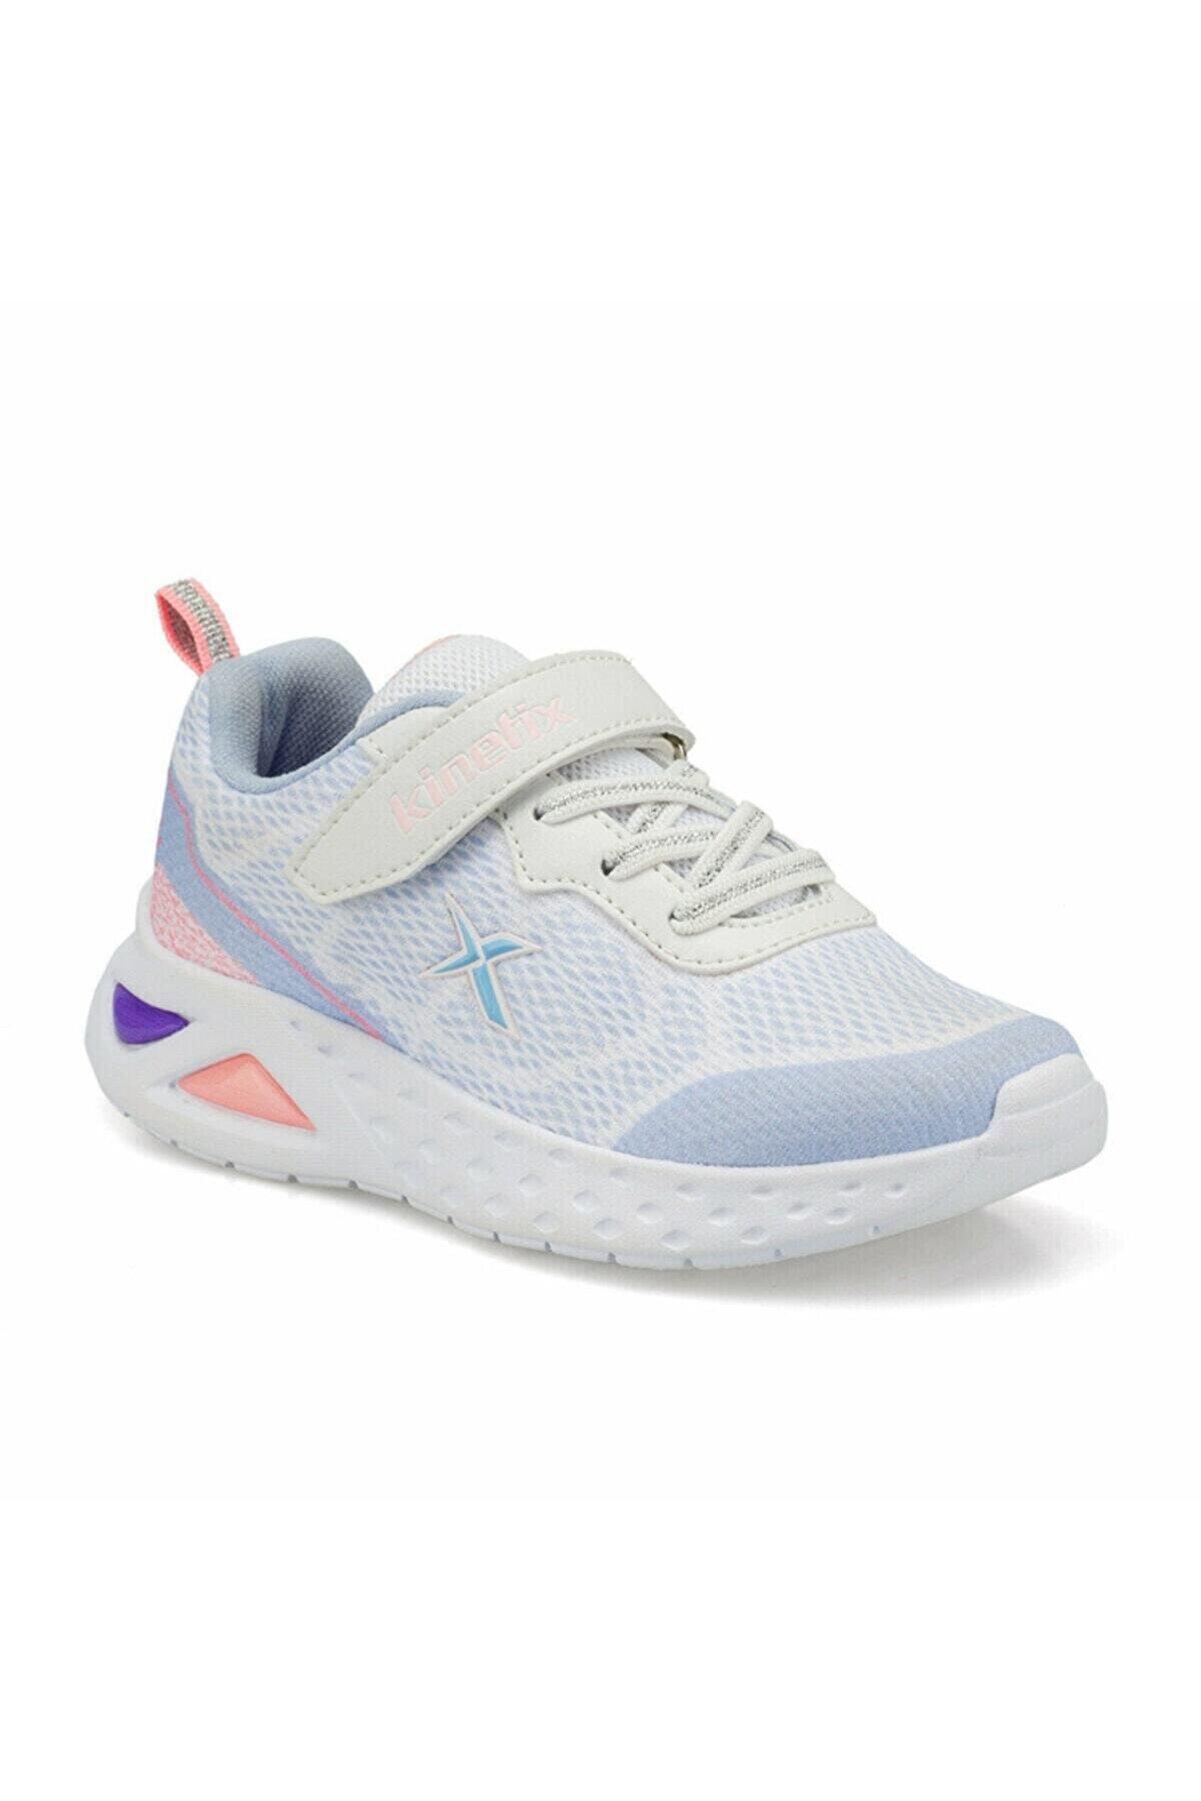 Kinetix Raın Beyaz Kız Çocuk Yürüyüş Ayakkabısı 100506382